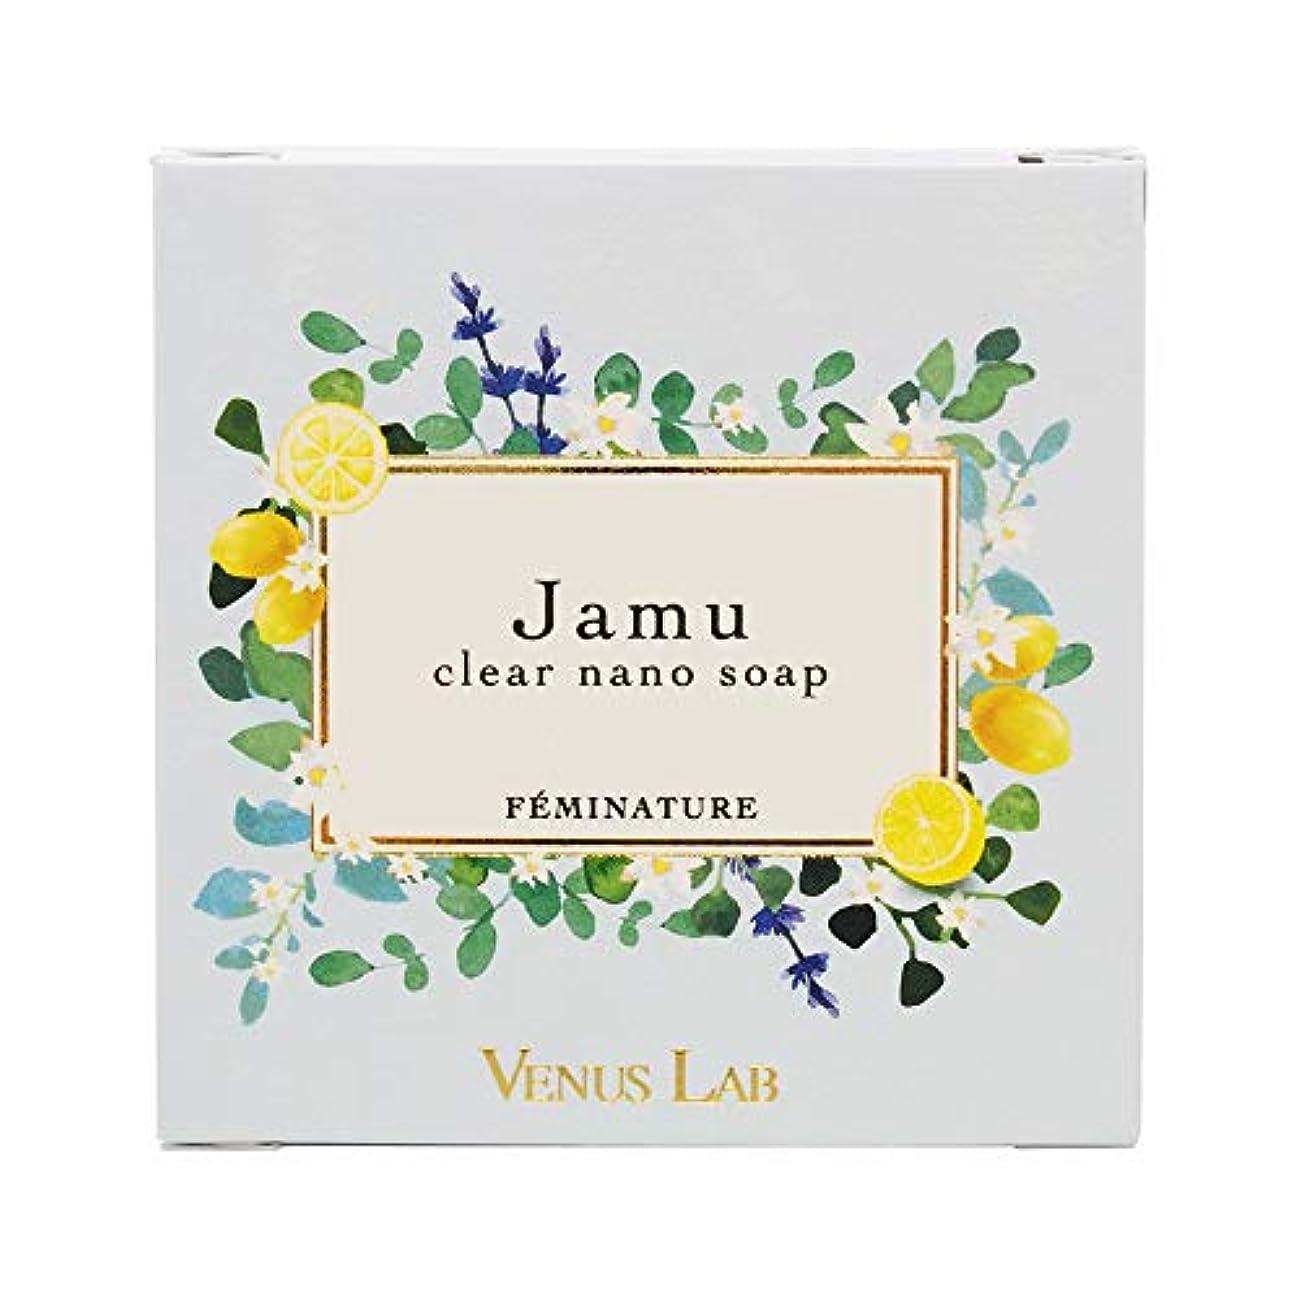 バウンス十分な光ヴィーナスラボ フェミナチュール ジャムウクリアナノソープ 石鹸 レモングラスの香り 100g